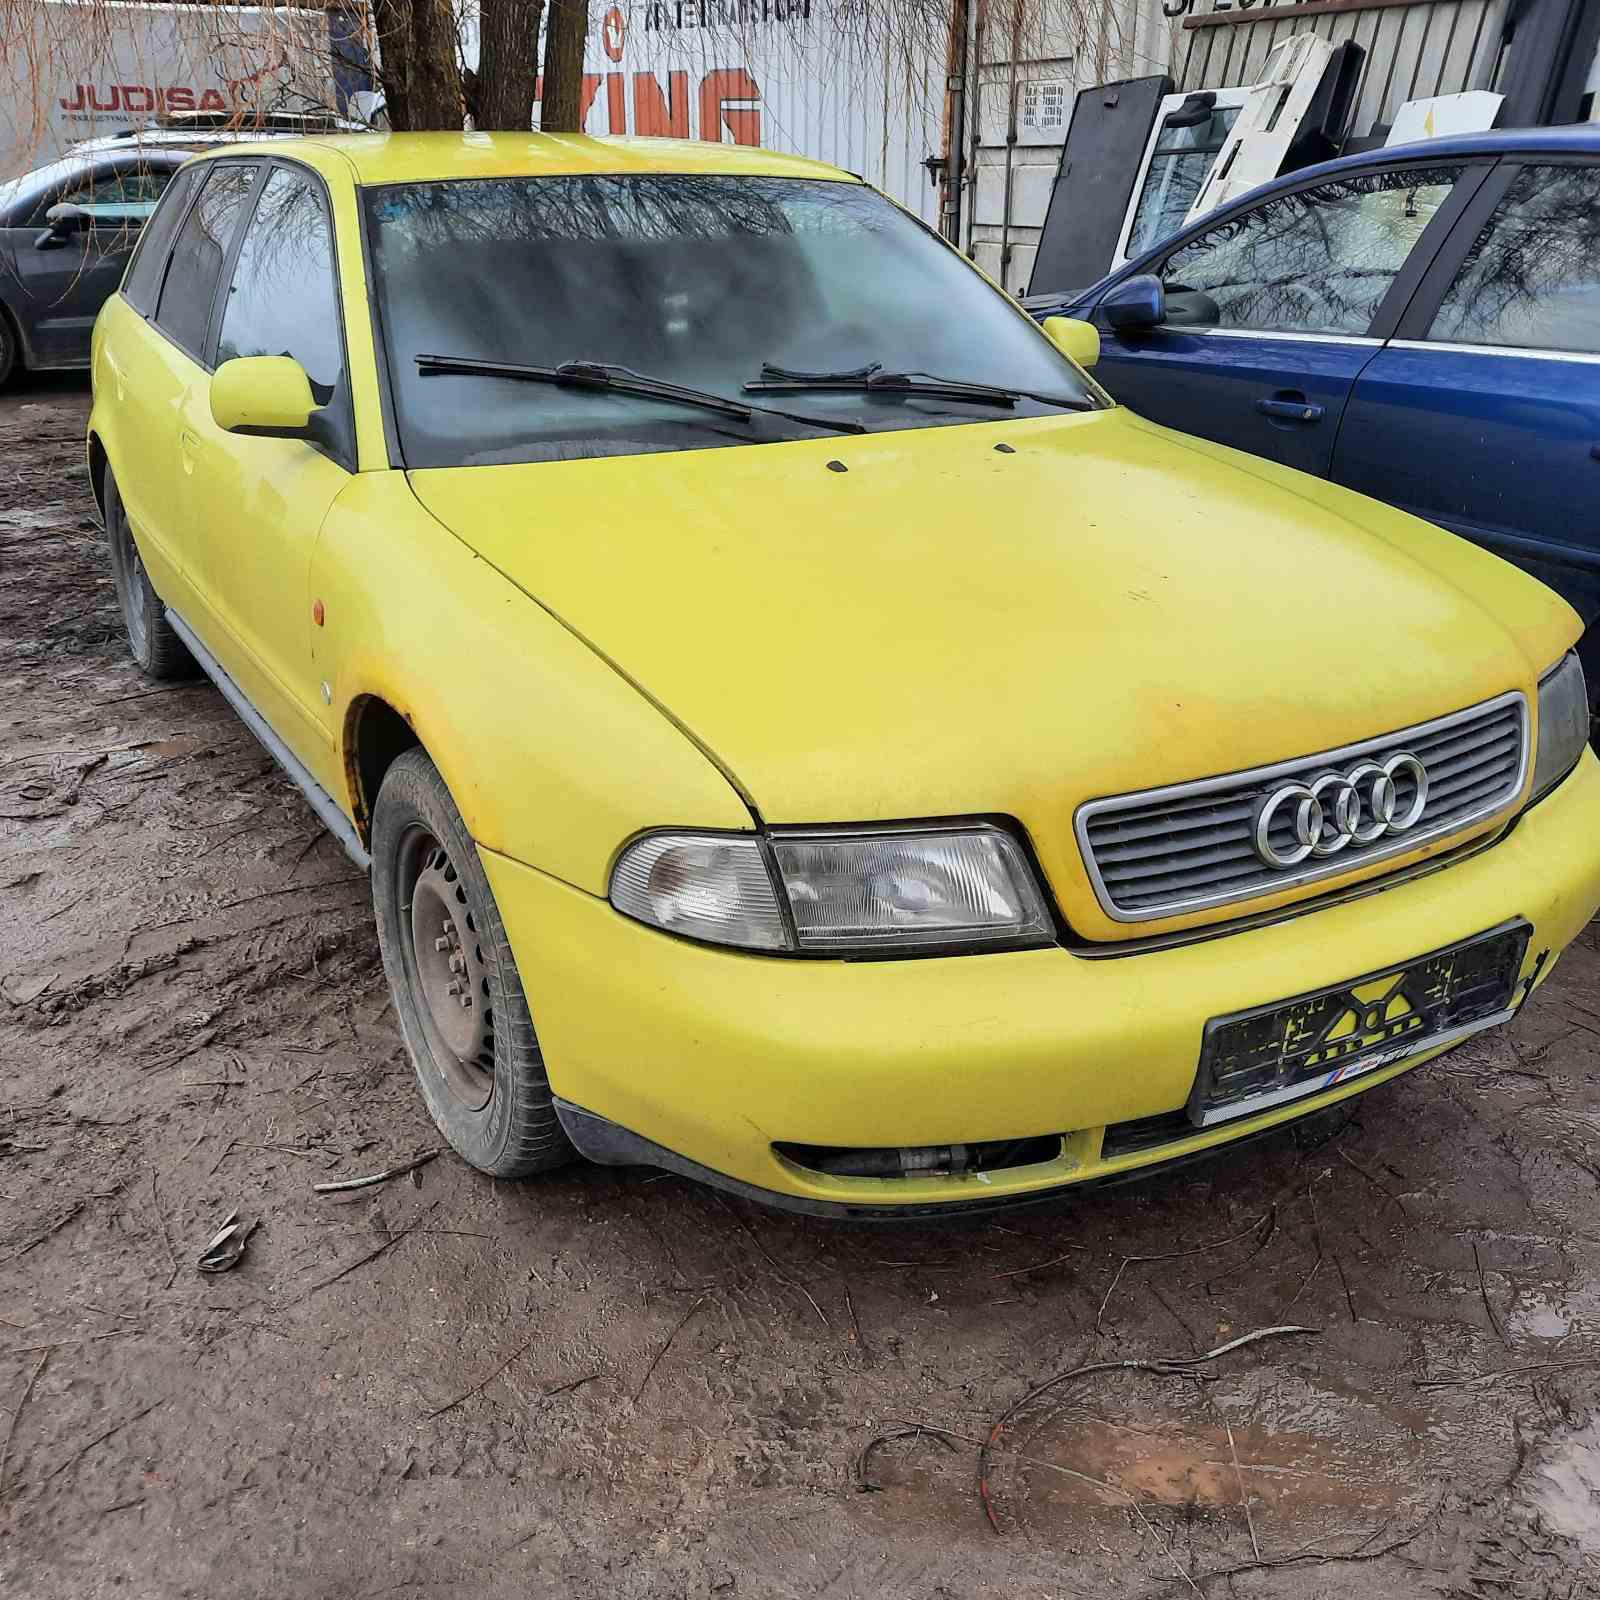 Подержанные Автозапчасти Audi A4 1996 1.8 машиностроение универсал 4/5 d. желтый 2021-4-09